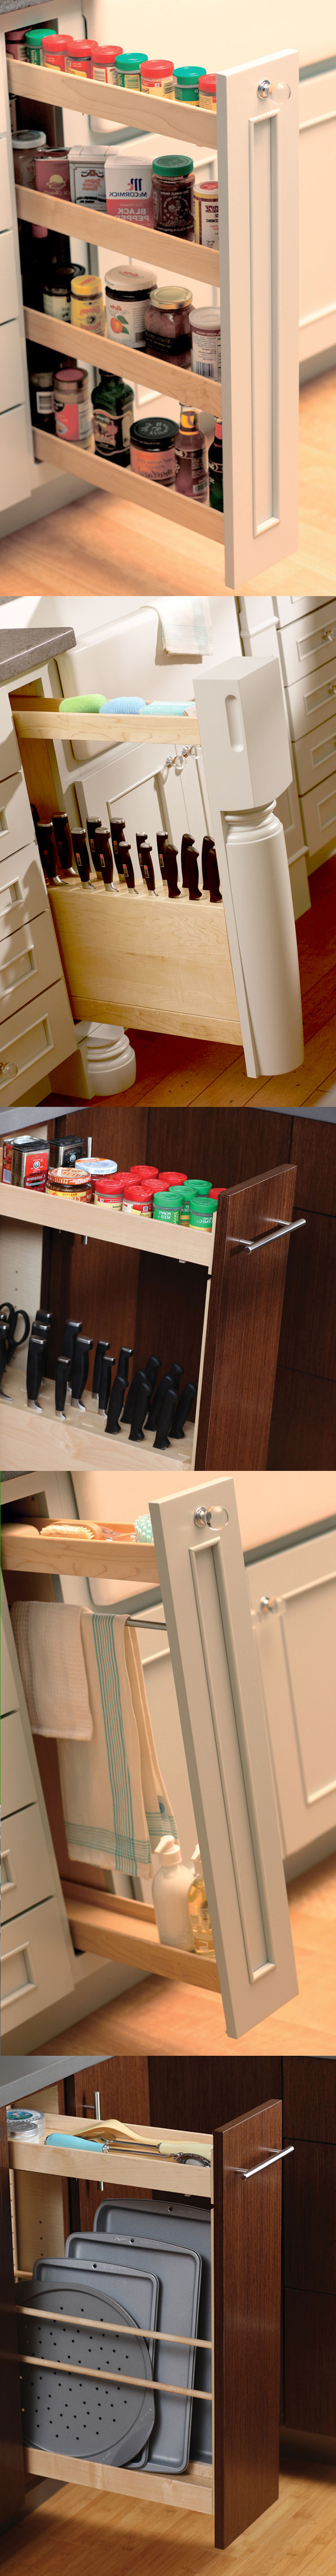 Kitchen Storage Kitchen Organization Dura Supreme Cabinetry Kitchen Cabinet Storage Kitchen Cabinet Accessories Kitchen Remodel Small